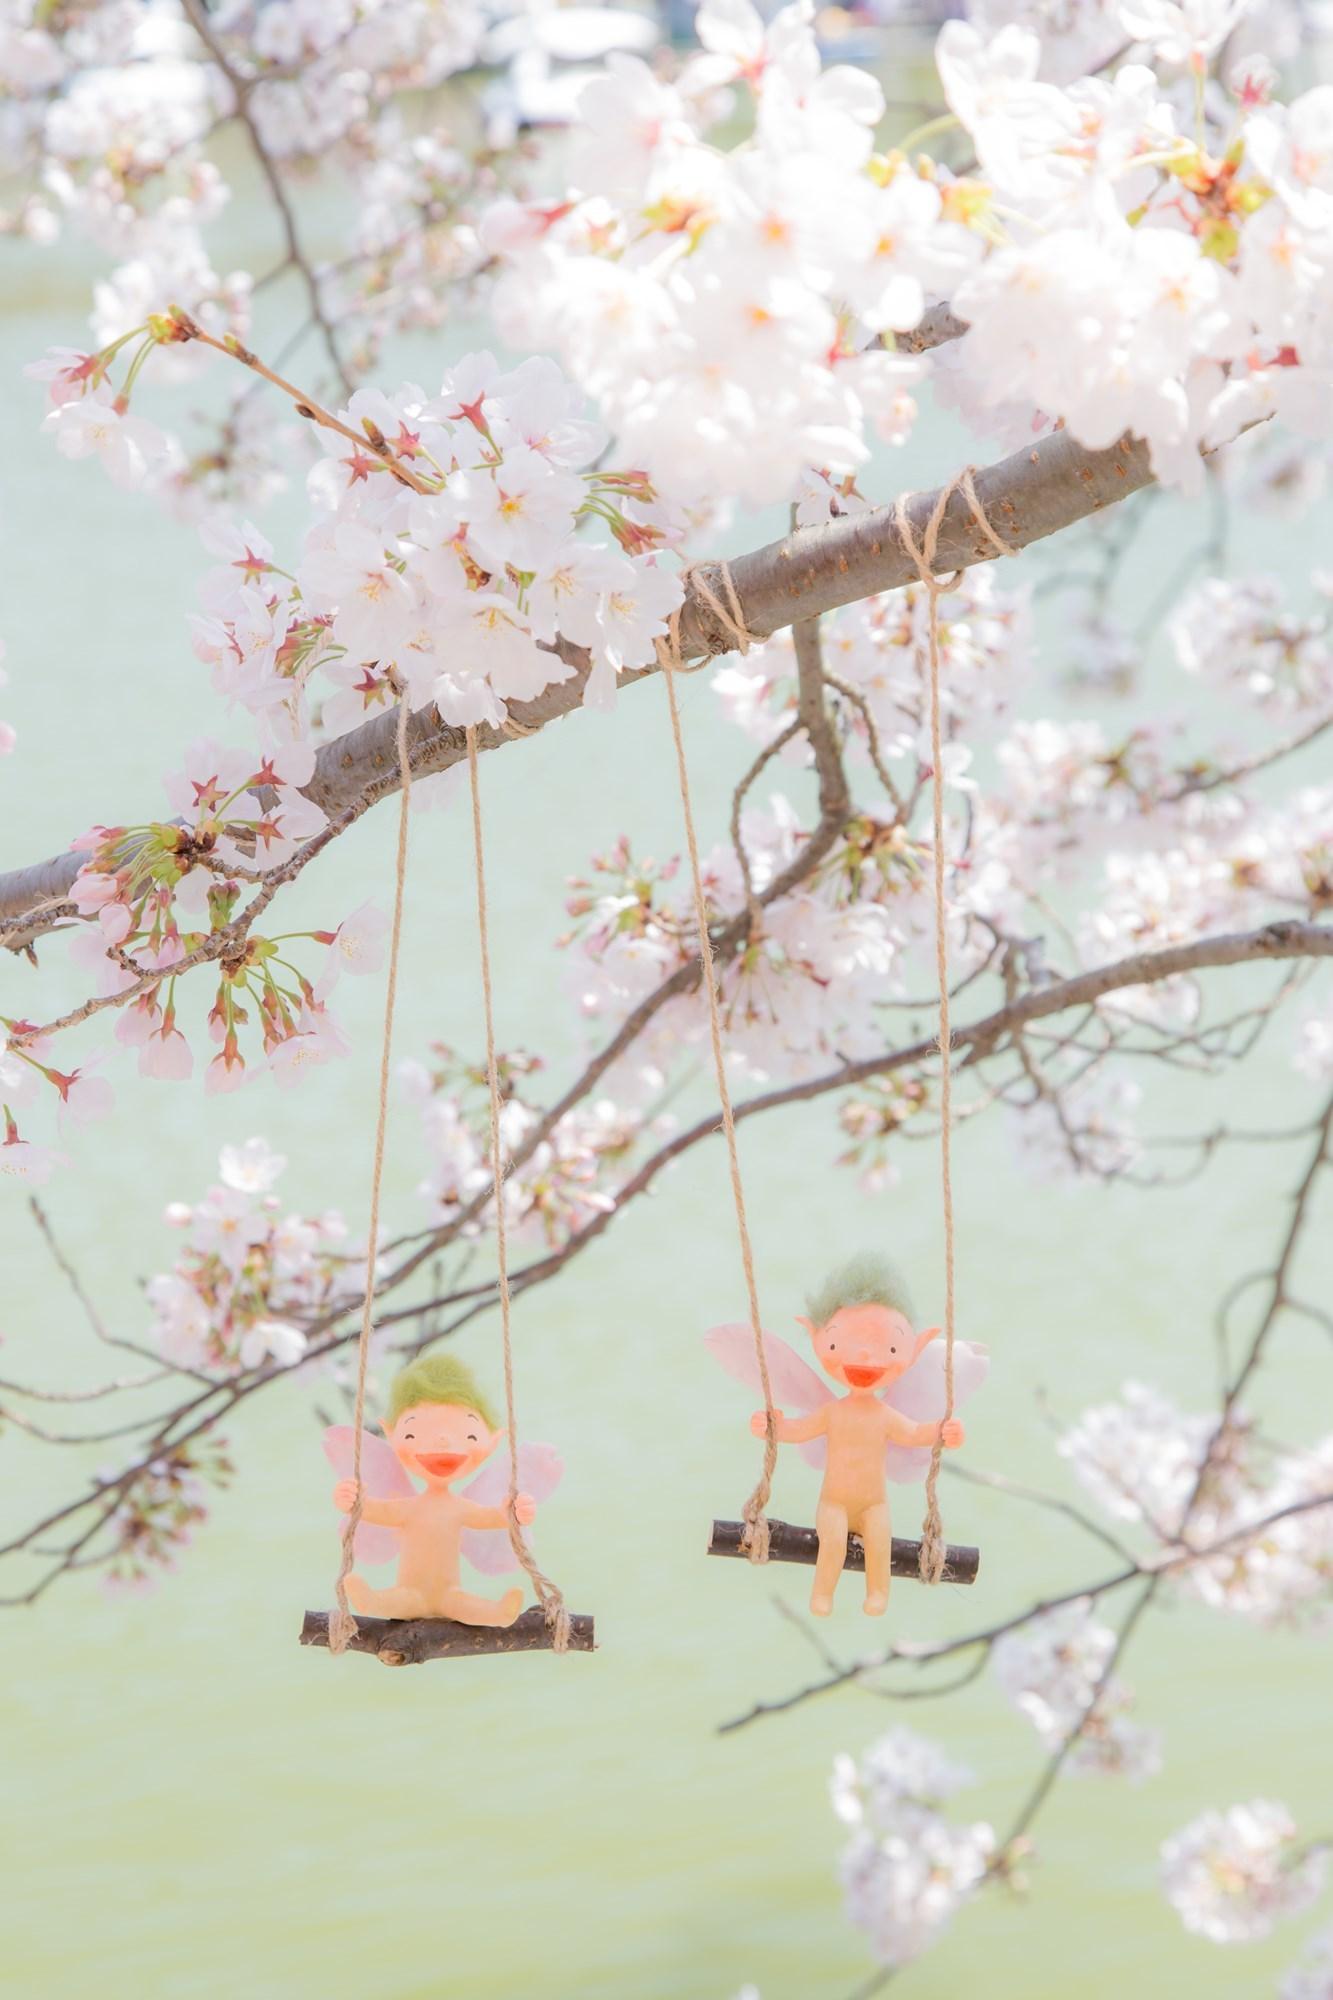 桜の妖精たち_f0395434_20345262.jpg